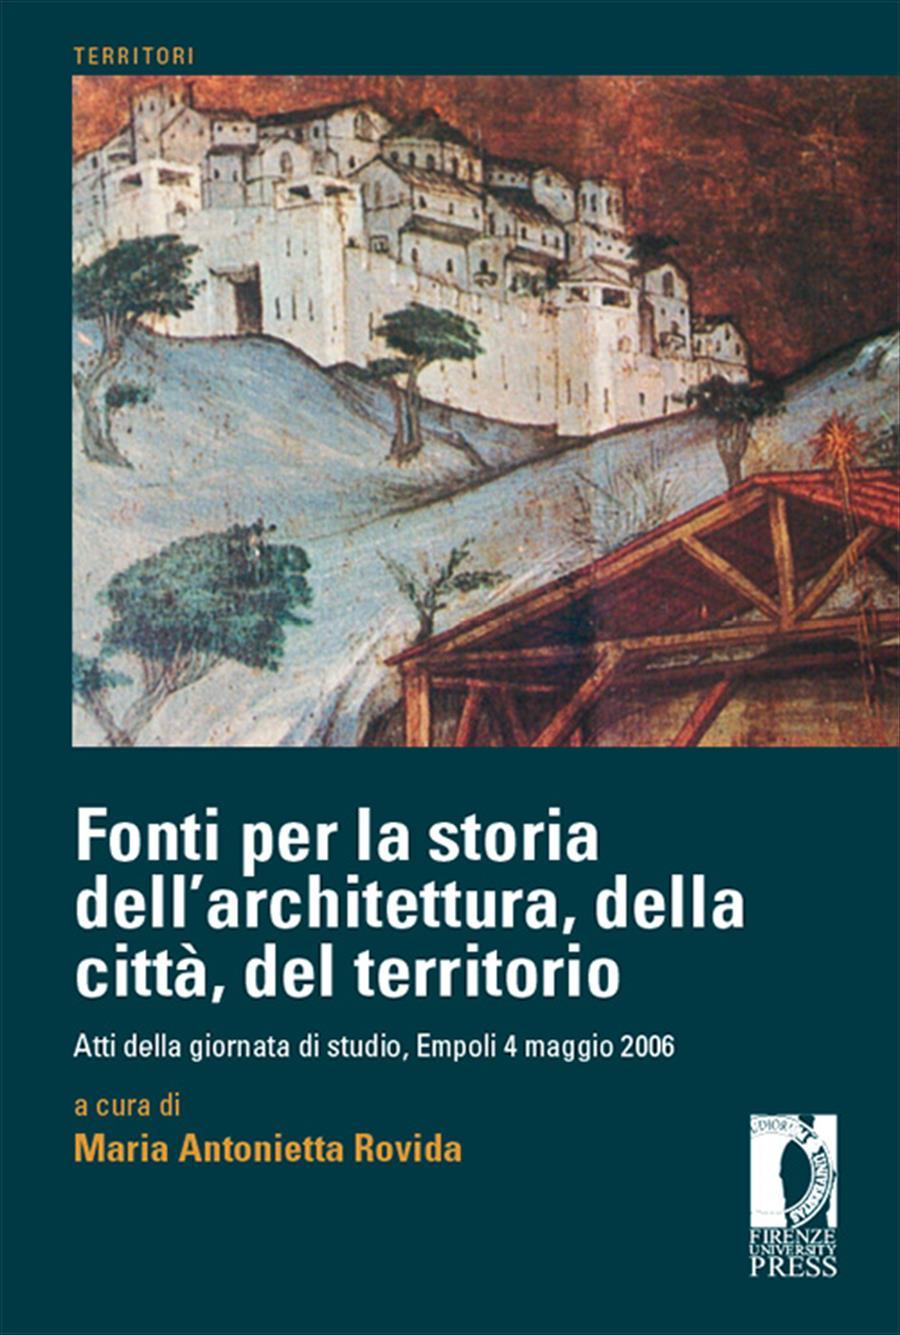 Fonti per la storia dell'architettura, della città, del territorio